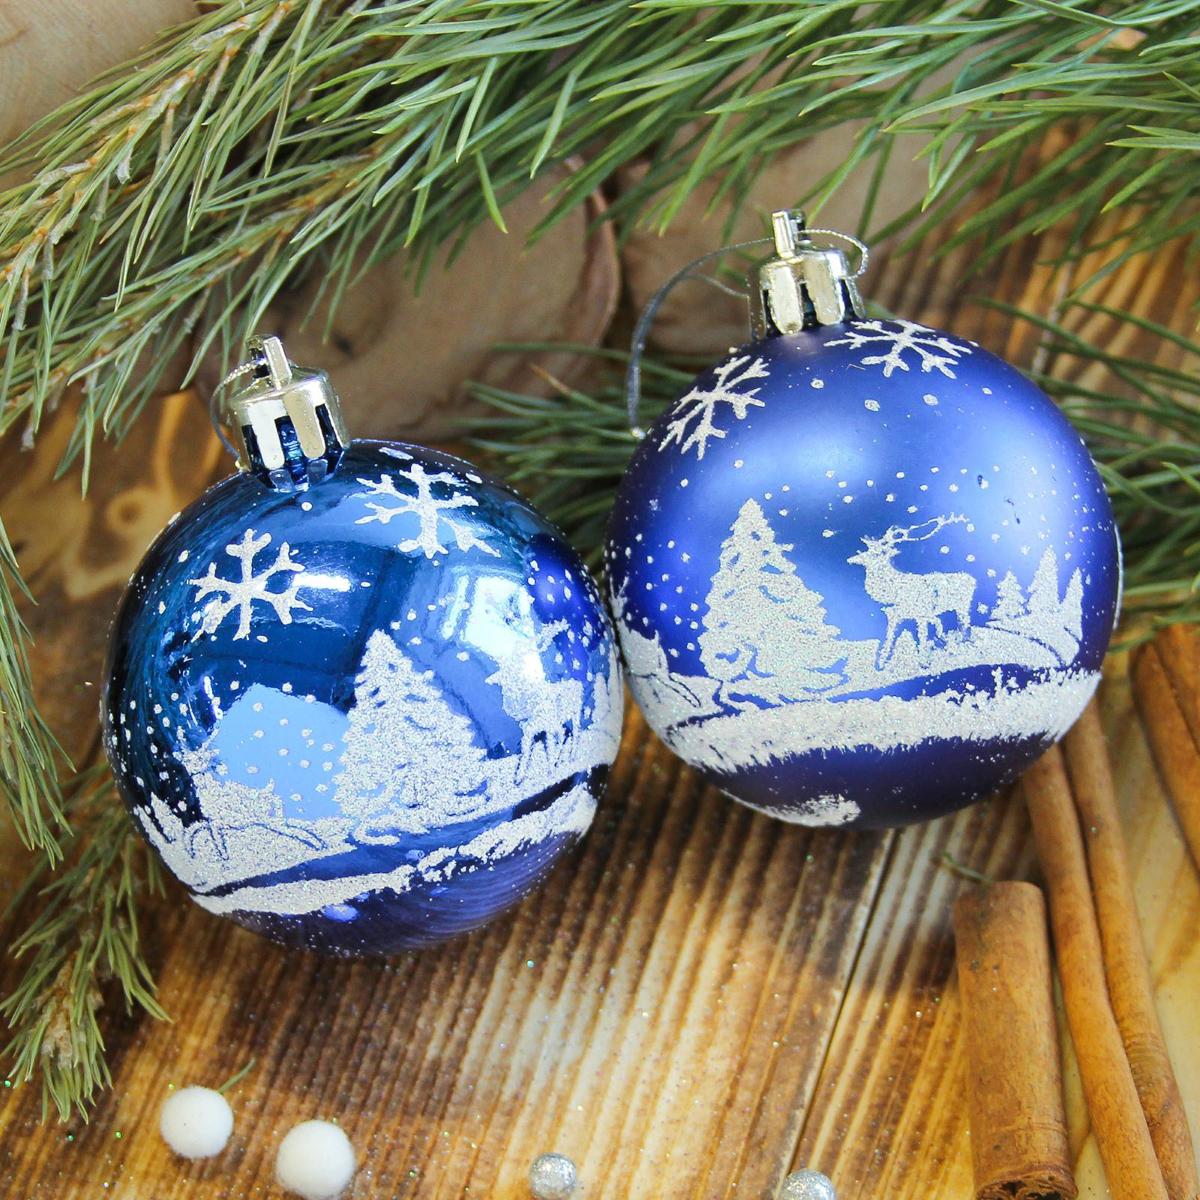 Набор новогодних подвесных украшений Sima-land Упряжка, диаметр 6 см, 8 шт2122524Набор новогодних подвесных украшений Sima-land отлично подойдет для декорации вашего дома и новогодней ели. С помощью специальной петельки украшение можно повесить в любом понравившемся вам месте. Но, конечно, удачнее всего оно будет смотреться на праздничной елке. Елочная игрушка - символ Нового года. Она несет в себе волшебство и красоту праздника. Создайте в своем доме атмосферу веселья и радости, украшая новогоднюю елку нарядными игрушками, которые будут из года в год накапливать теплоту воспоминаний.